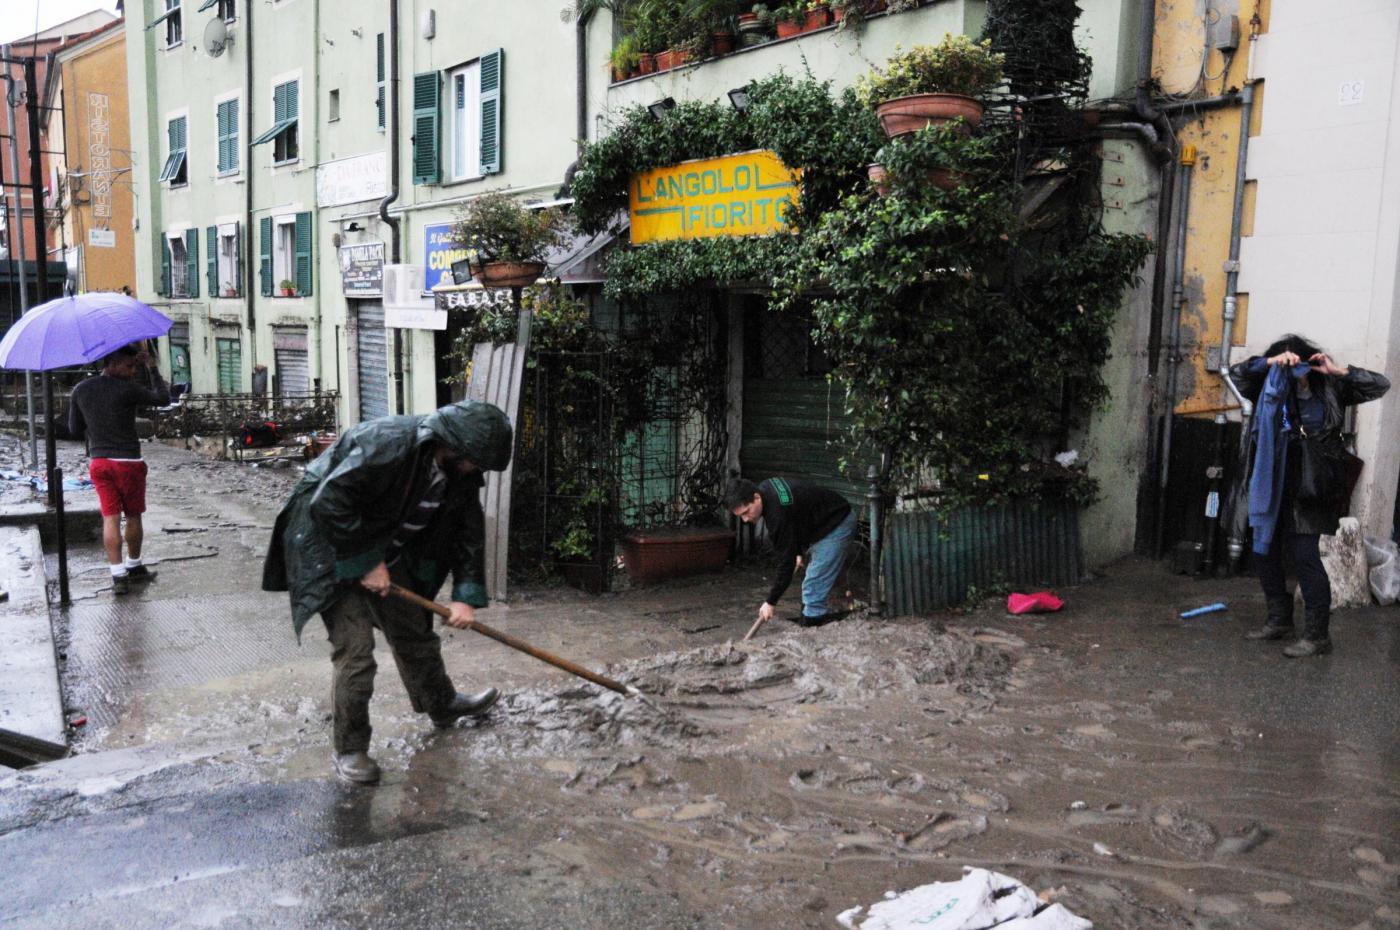 Alluvione Genova 2014, la città cerca la normalità tra polemiche vere e bufale